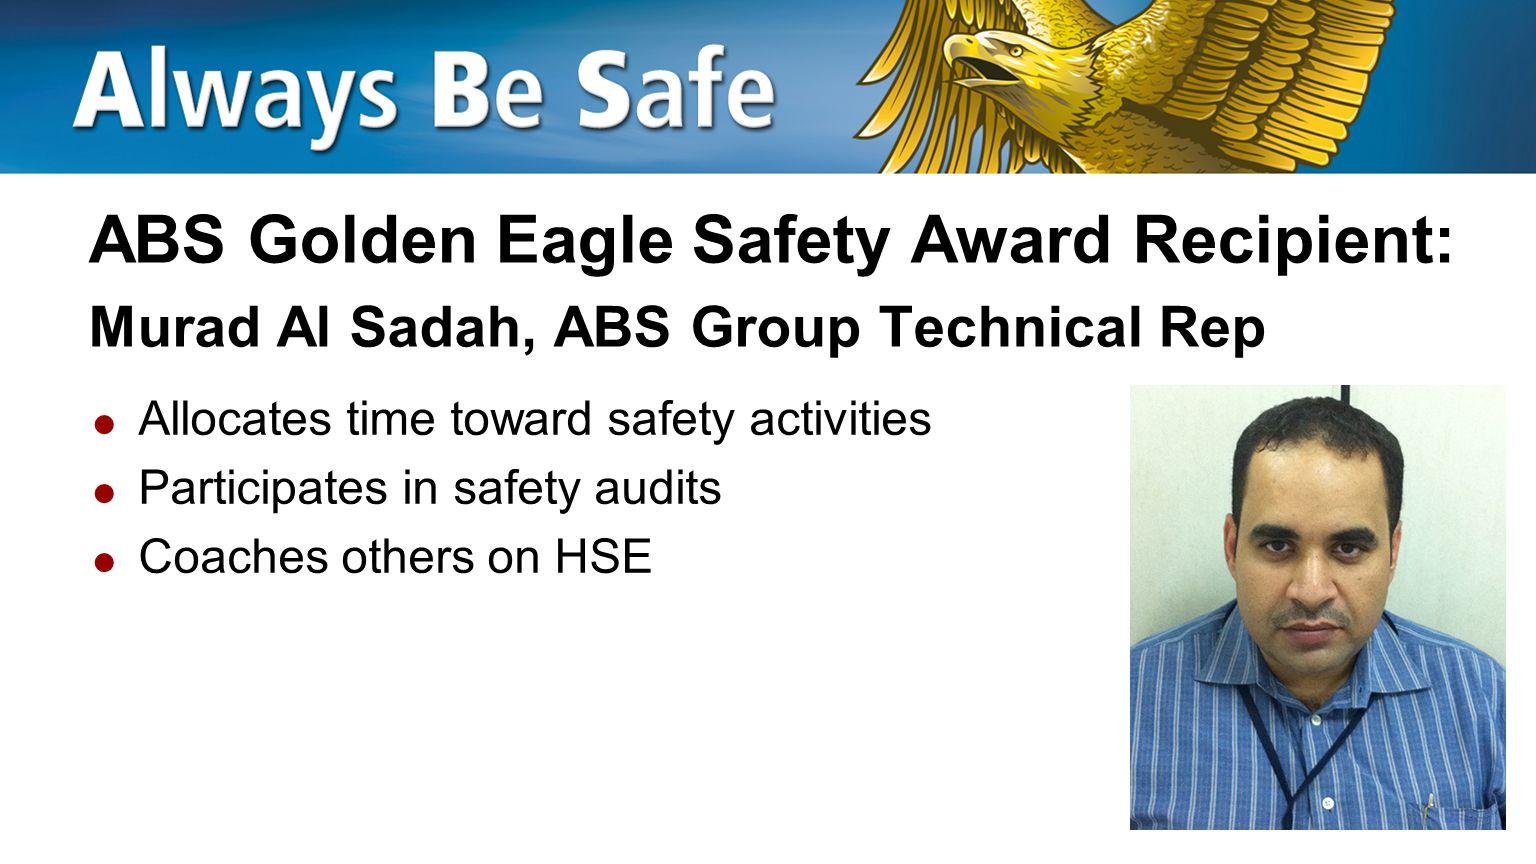 ABS Golden Eagle Safety Award Recipient: Murad Al Sadah, ABS Group Technical Rep